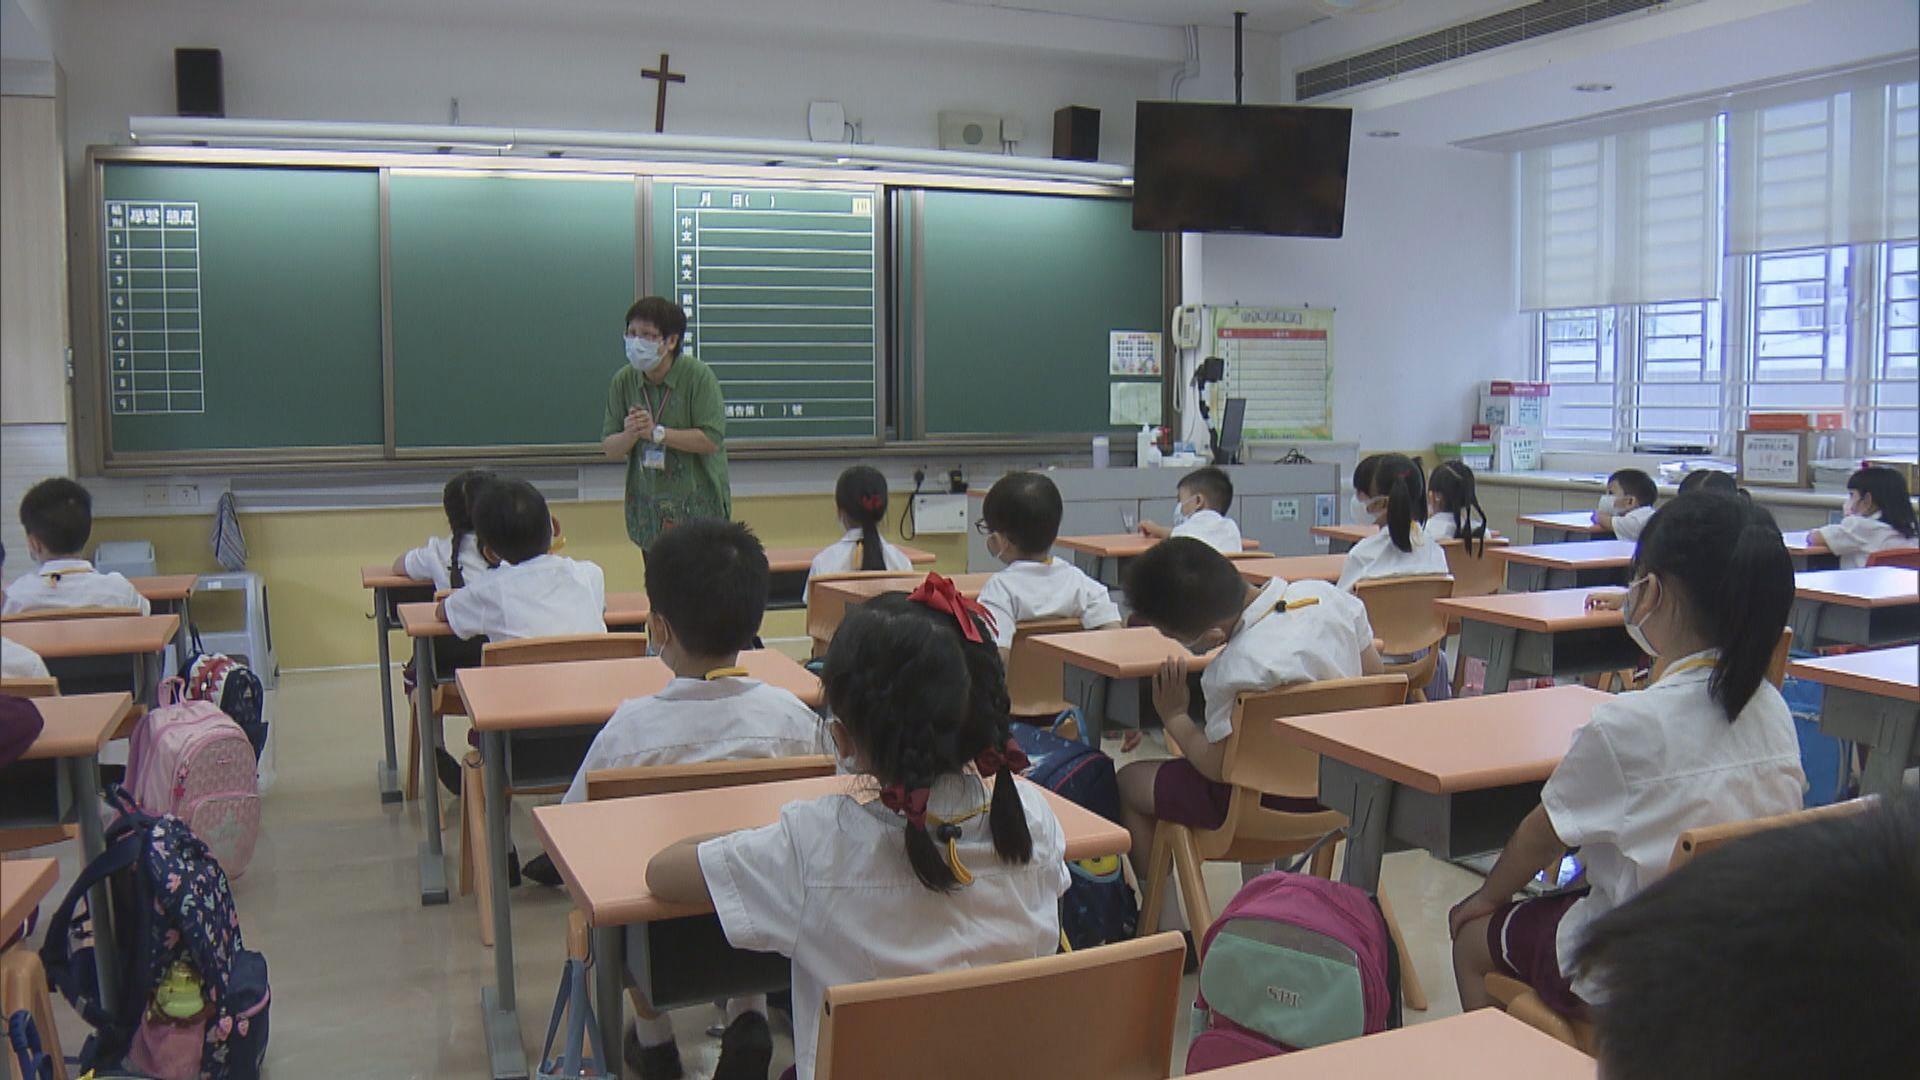 【即日焦點】復活假後學校增至三分二學生面授 有校長擬先讓小一生復課適應校園;北京反制裁西方 分析指不容中國價值觀受指責